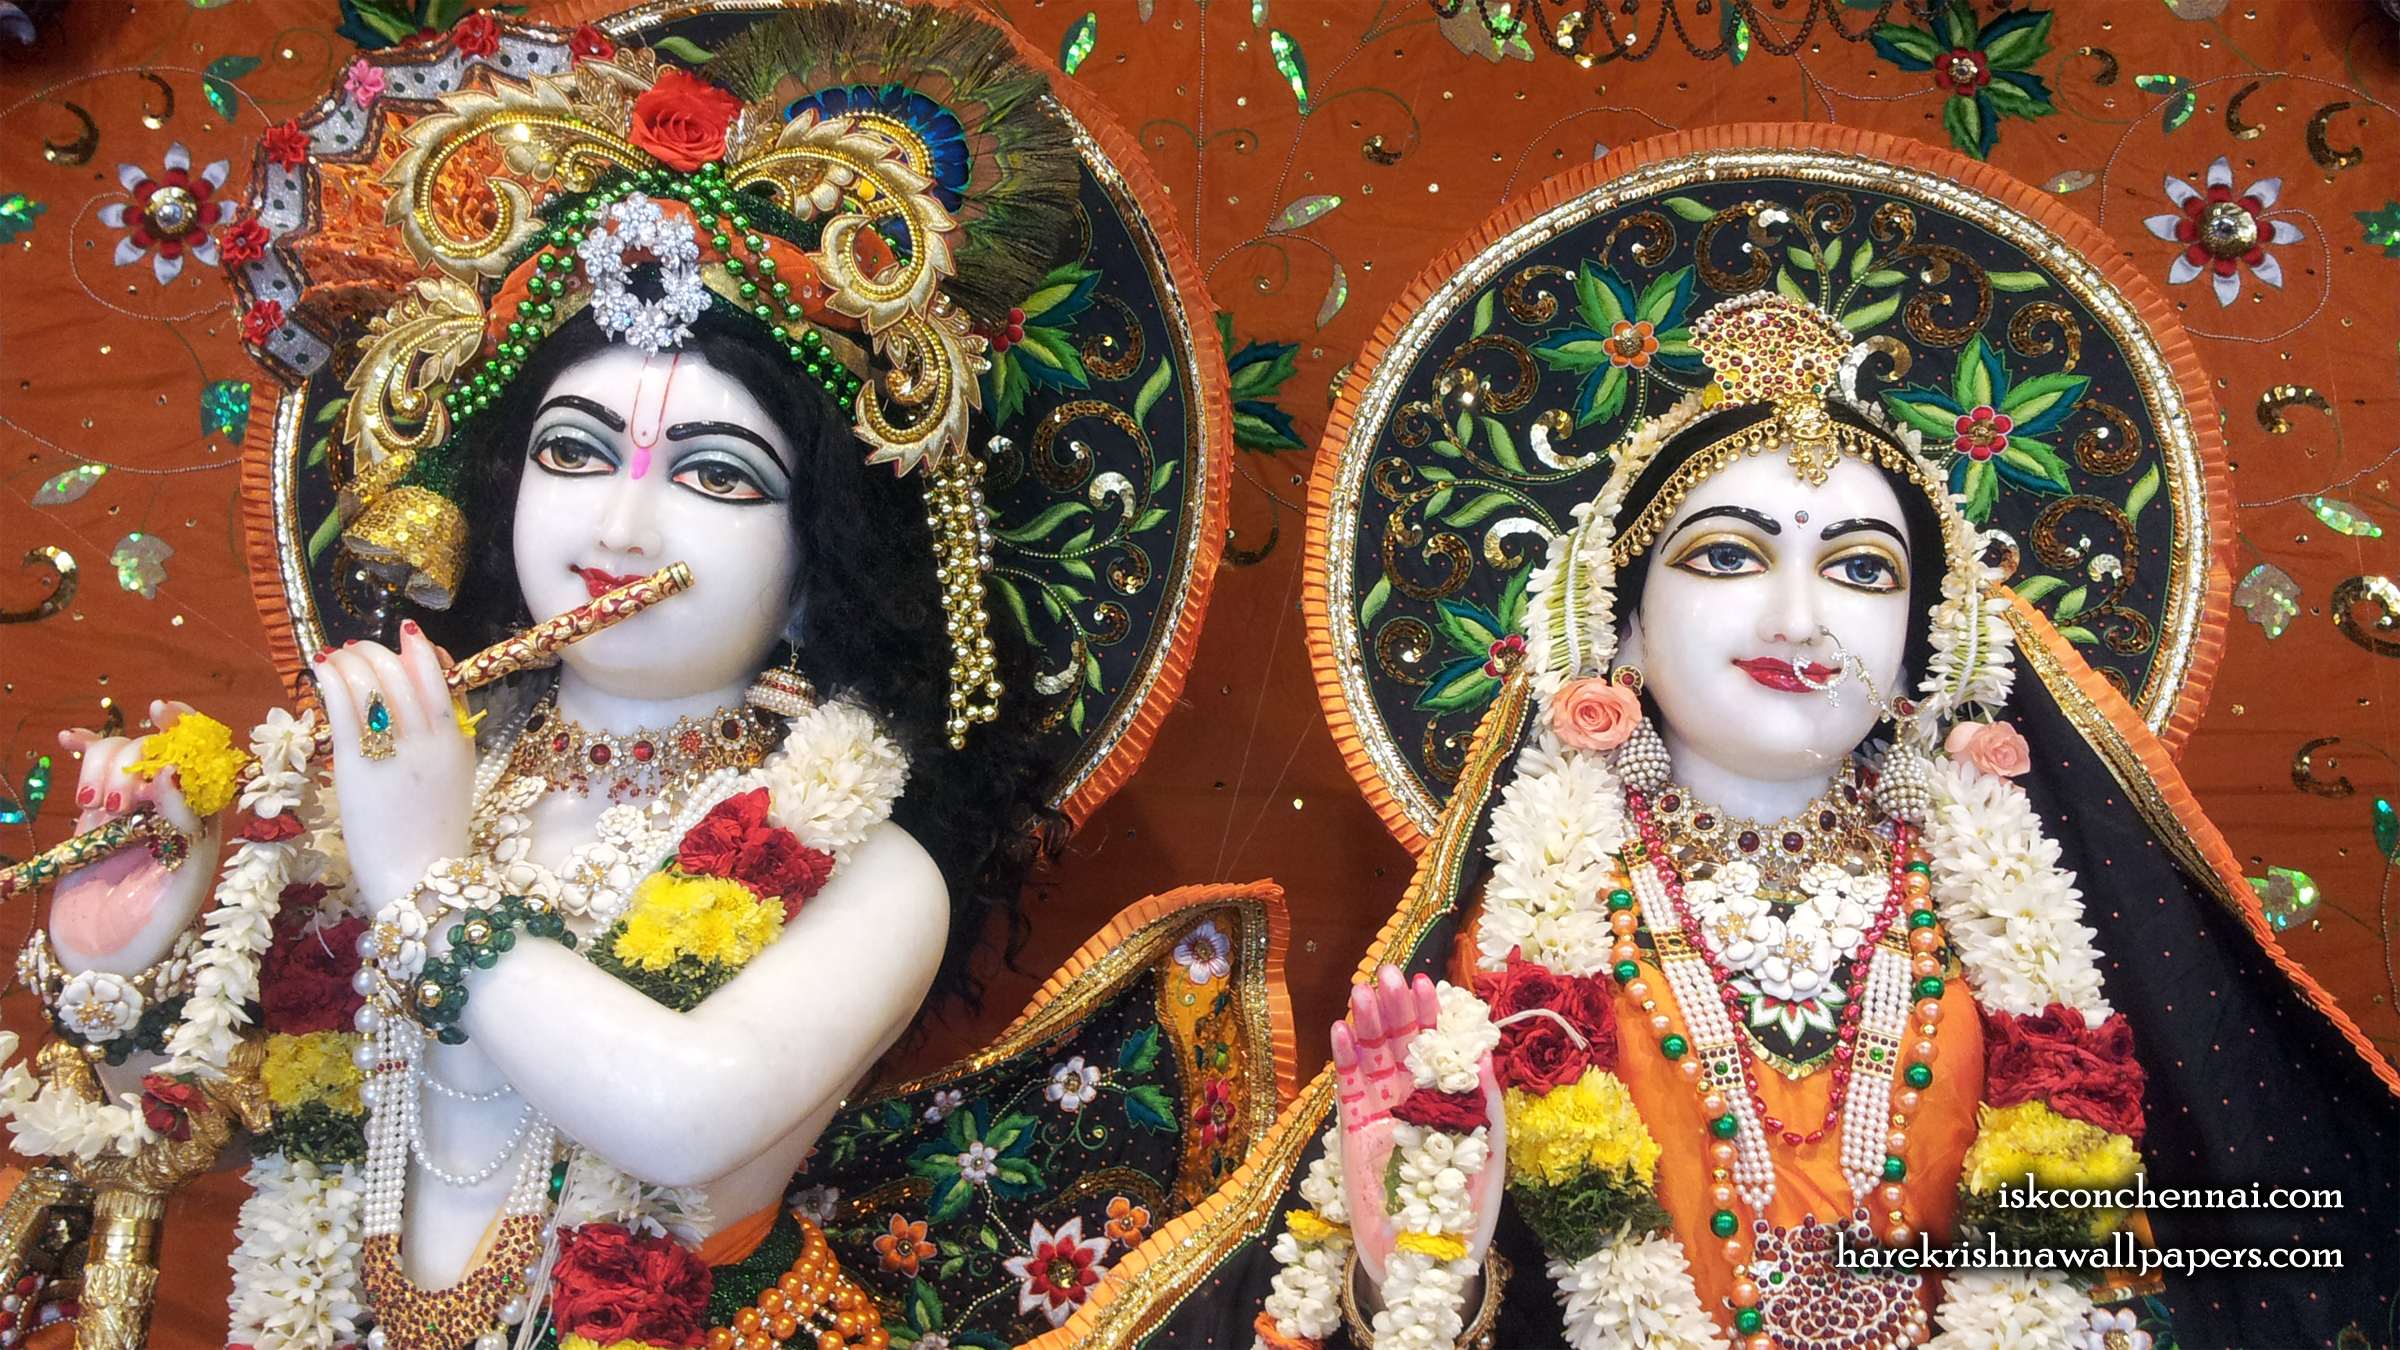 Sri Sri Radha Krishna Close up Wallpaper (003) Size 2400x1350 Download